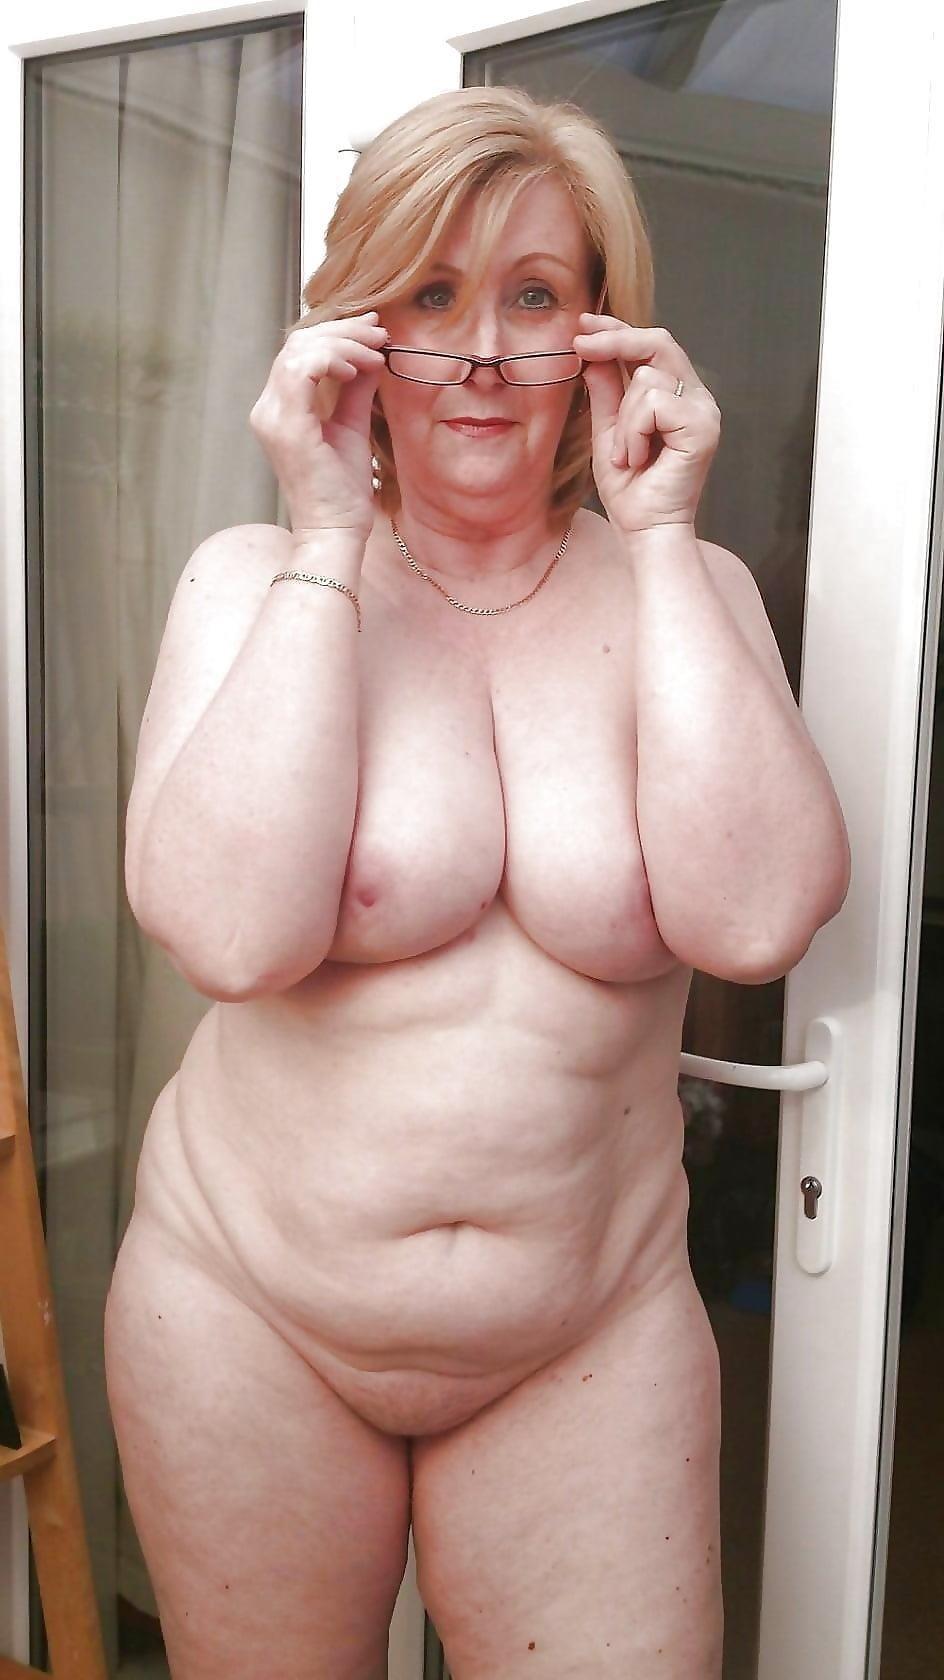 Beautiful naked mature women pics-4600